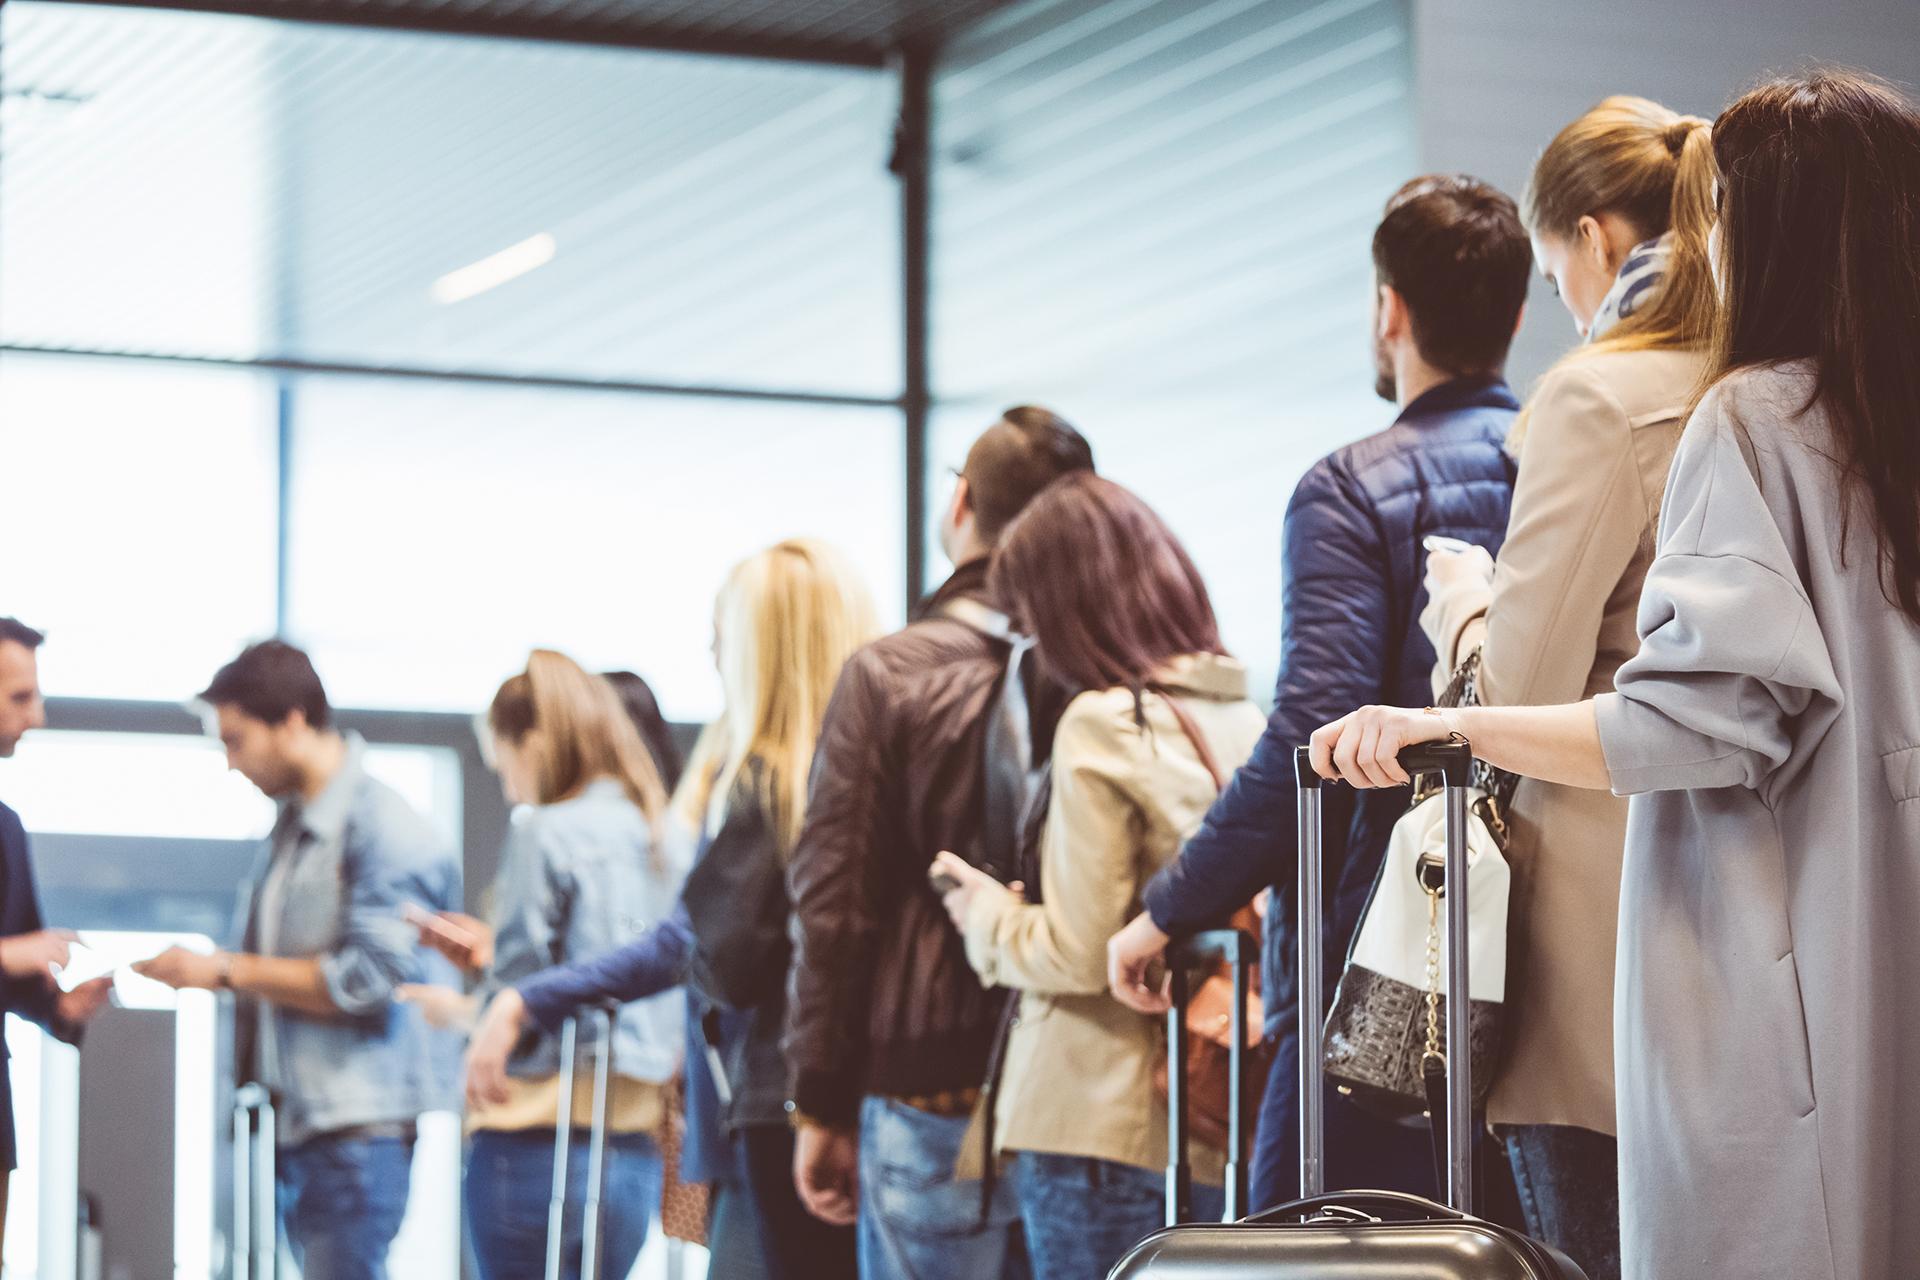 Psicología en el aeropuerto: por qué unos viajeros llegan horas antes y otros, en el último minuto